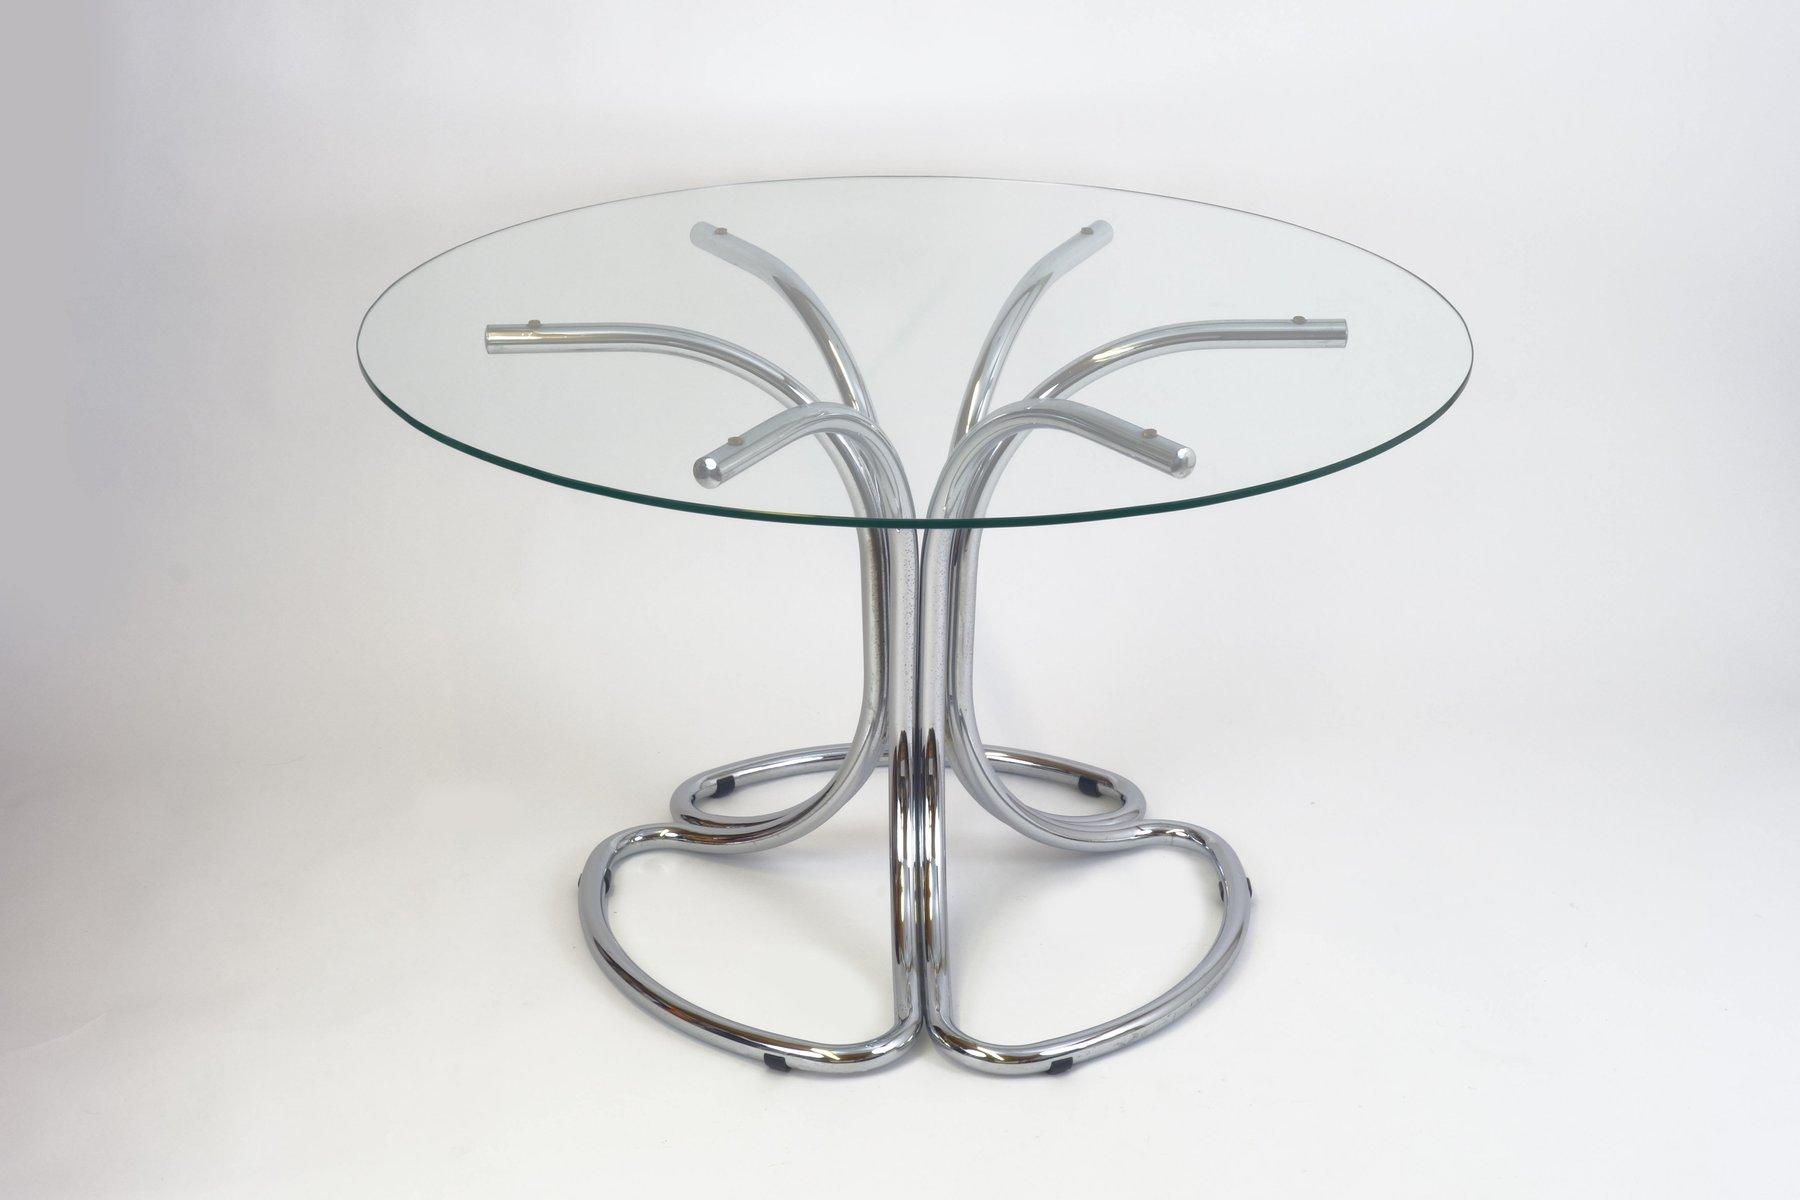 Italienischer Vintage Esstisch mit Runder Glasplatte, 1970er